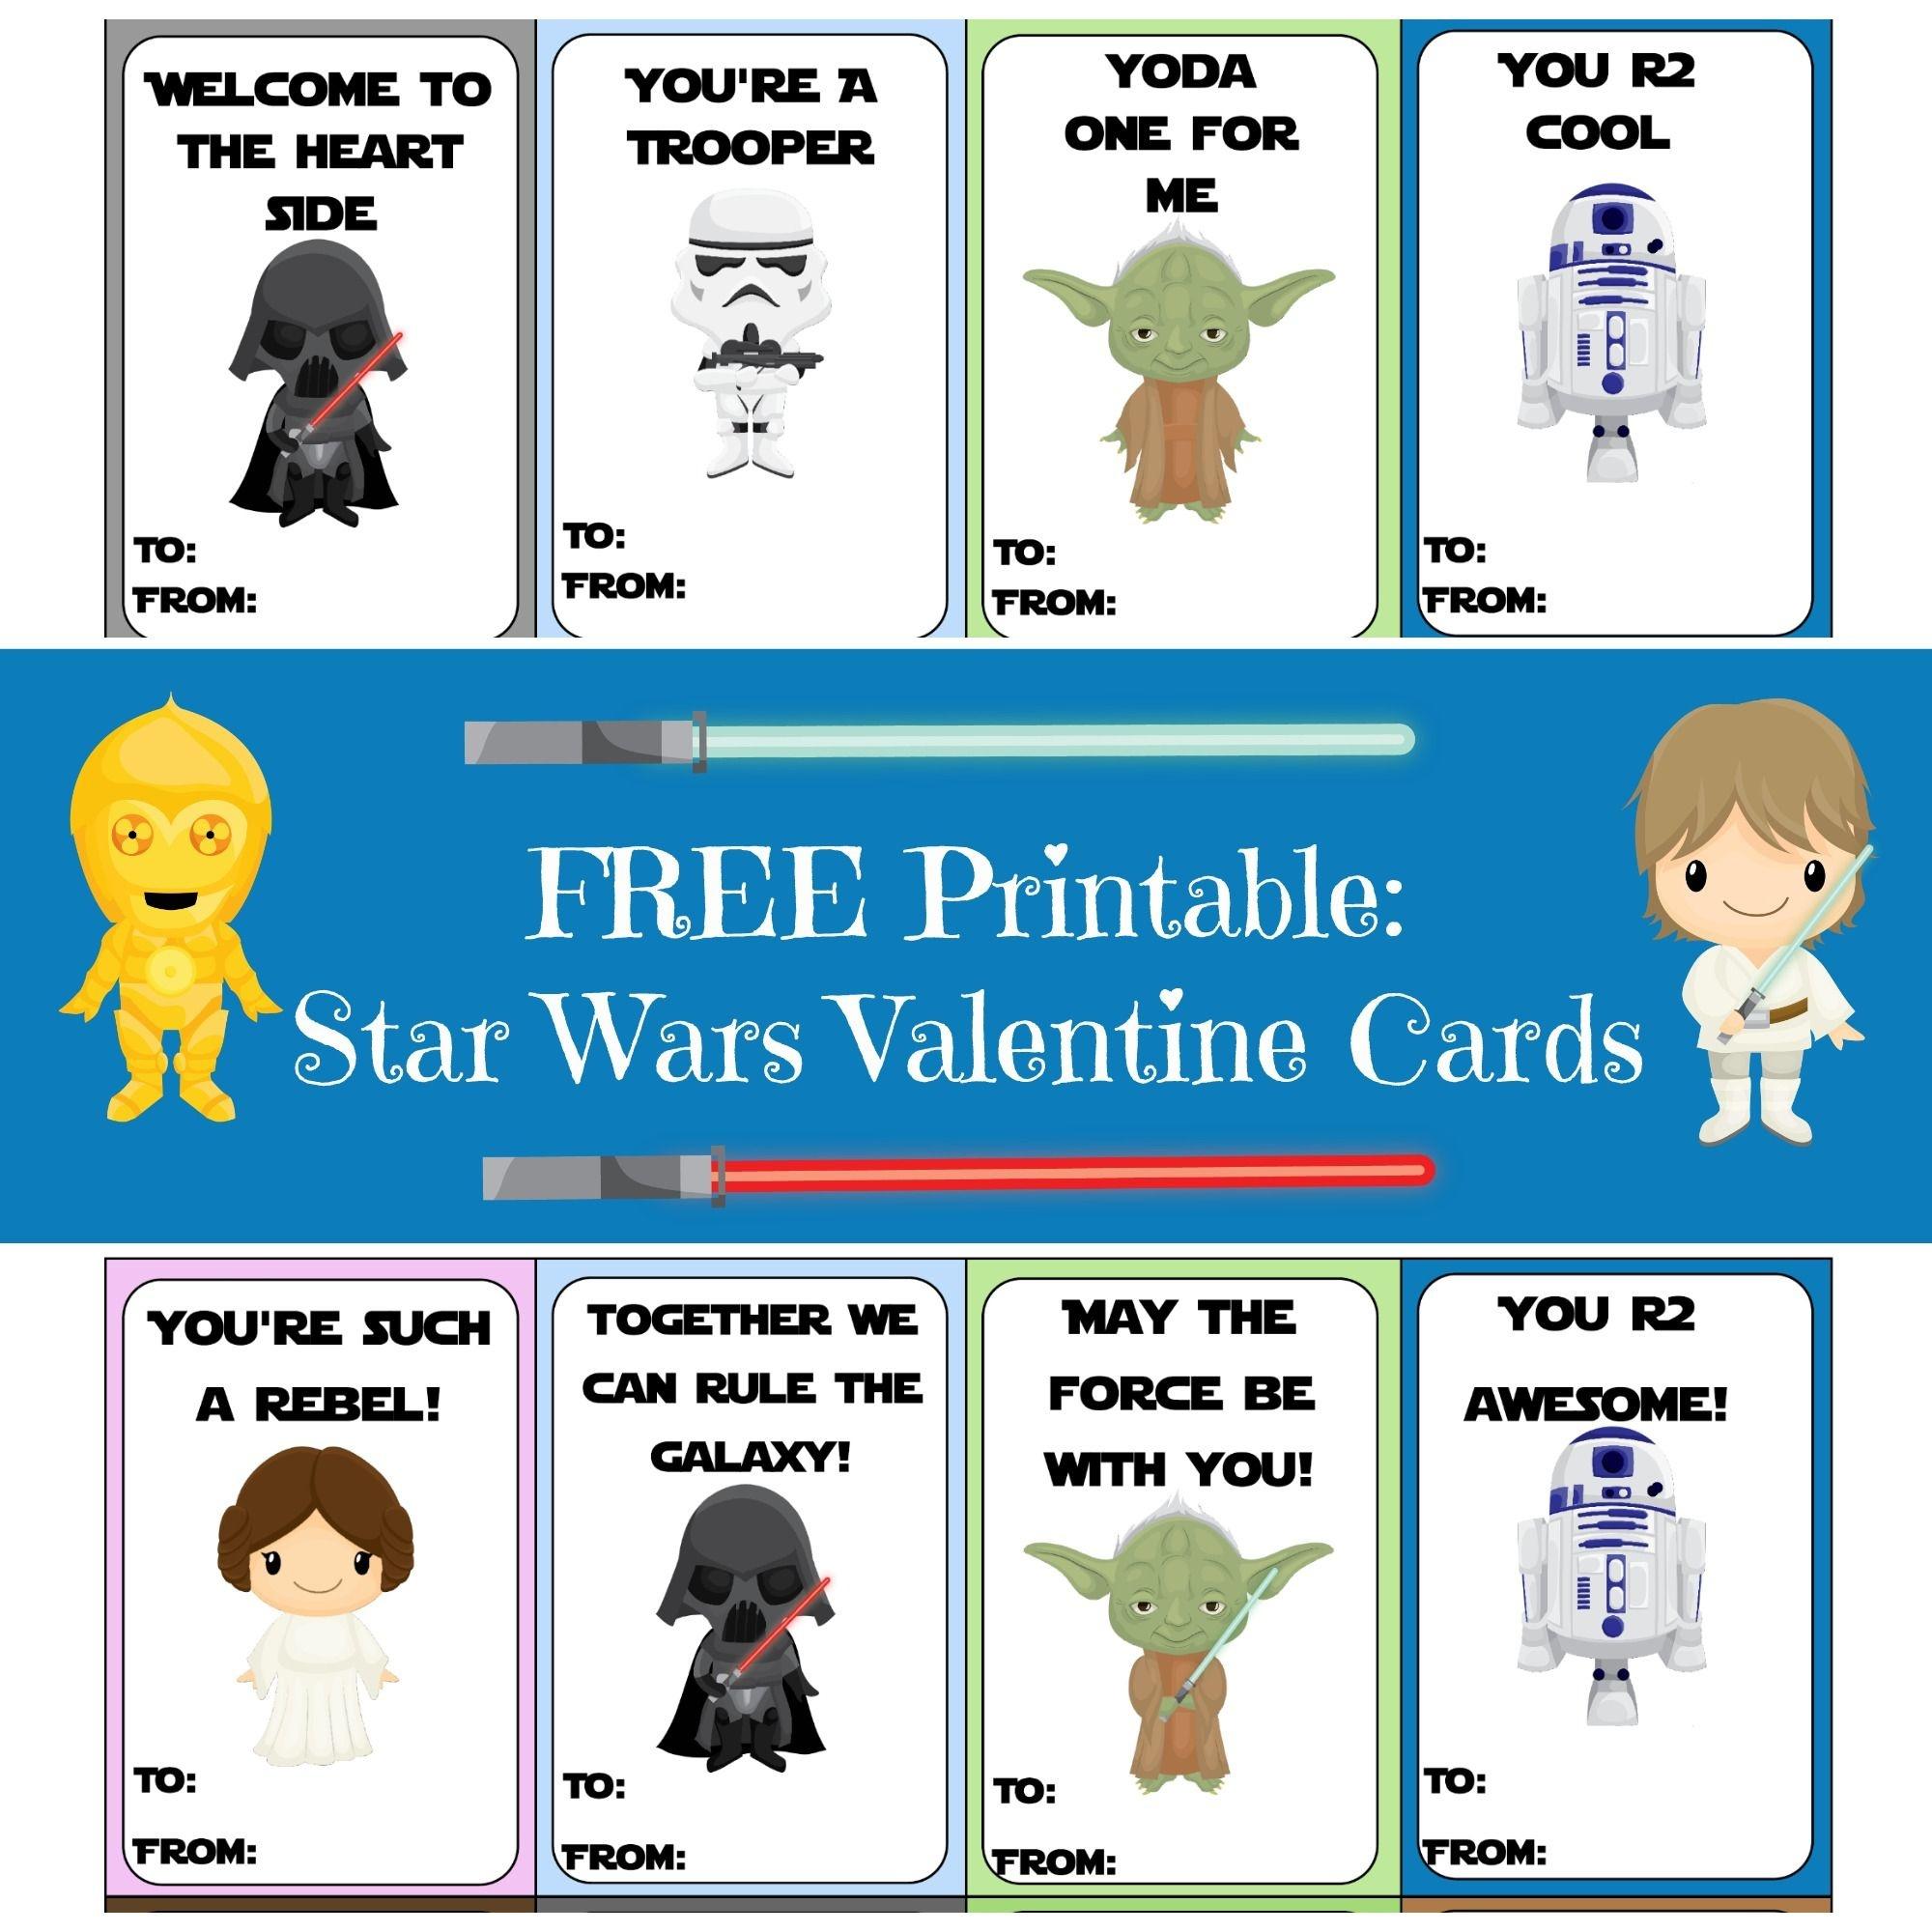 Valentine Card Round-Up | Printables | Starwars Valentines Cards - Free Printable Lego Star Wars Valentines